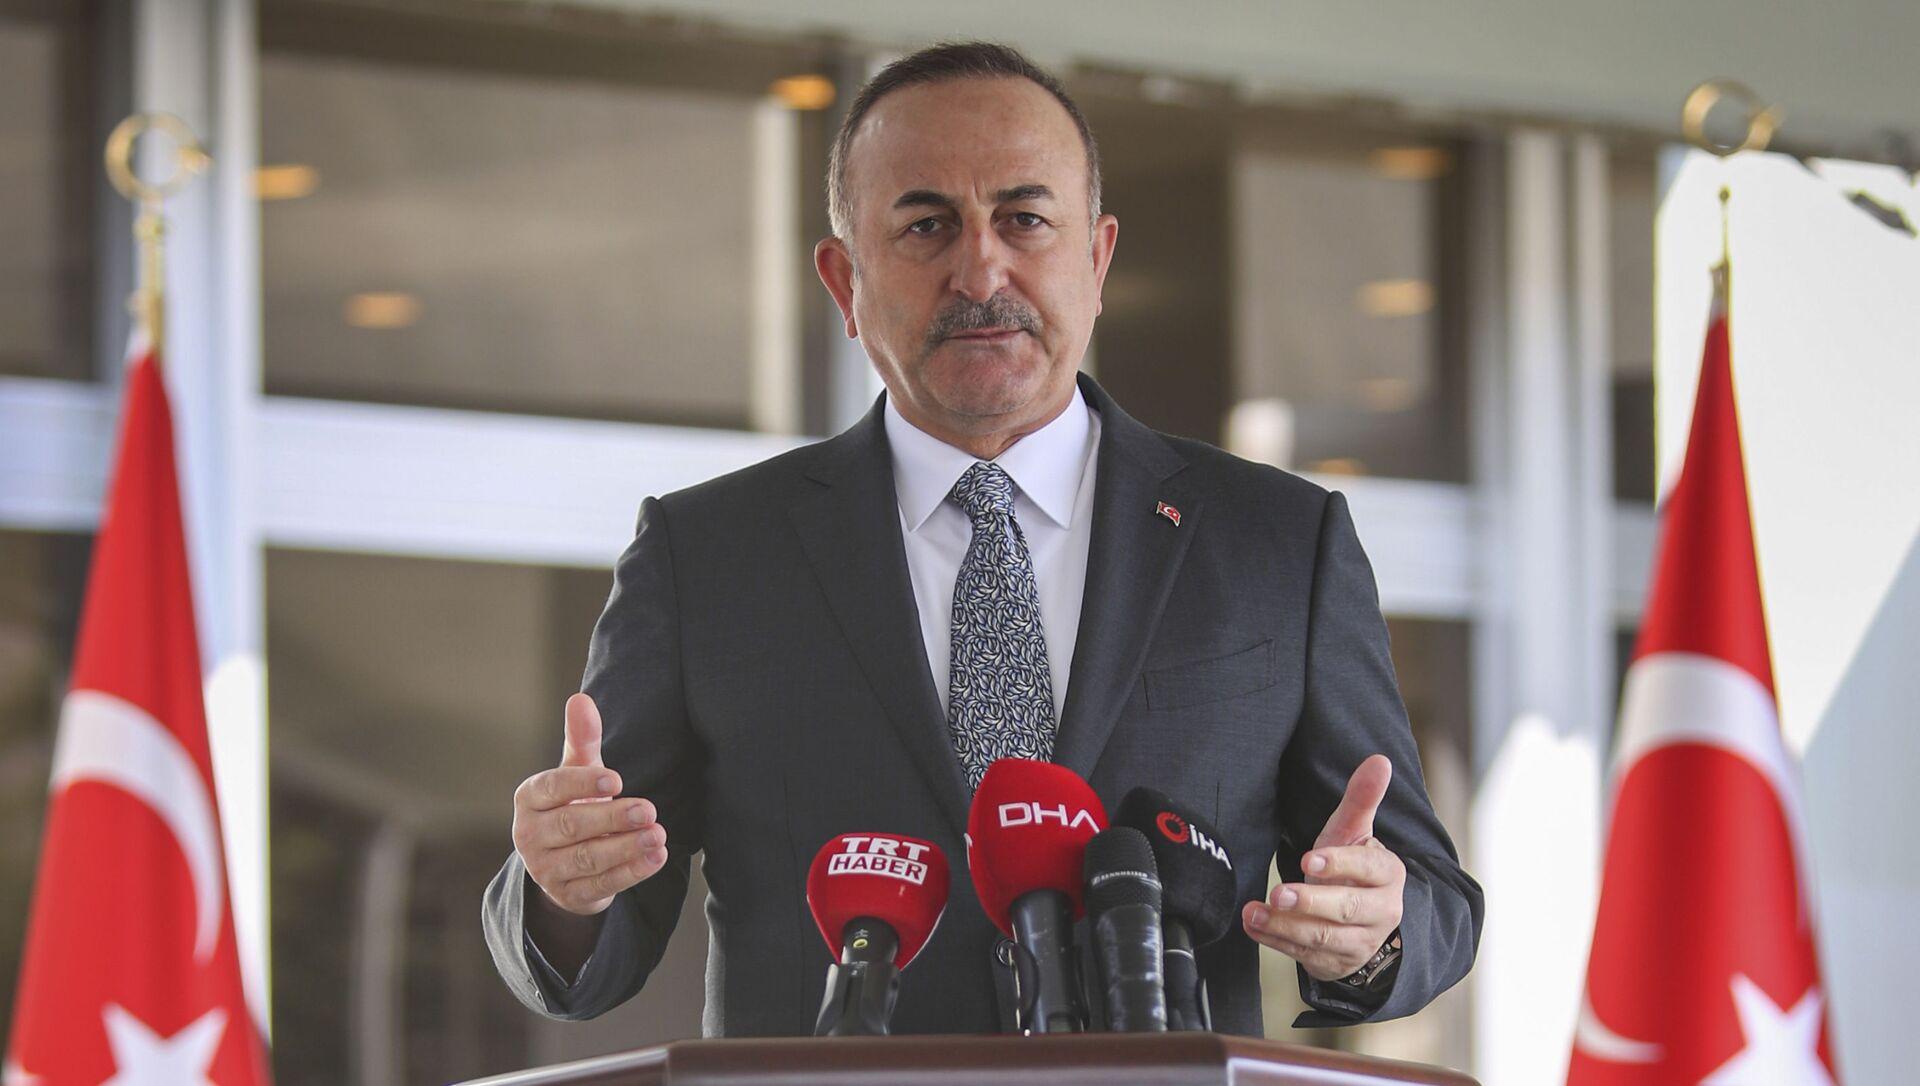 Министр иностранных дел Турции Мевлют Чавушоглу, фото из архива - Sputnik Азербайджан, 1920, 08.04.2021